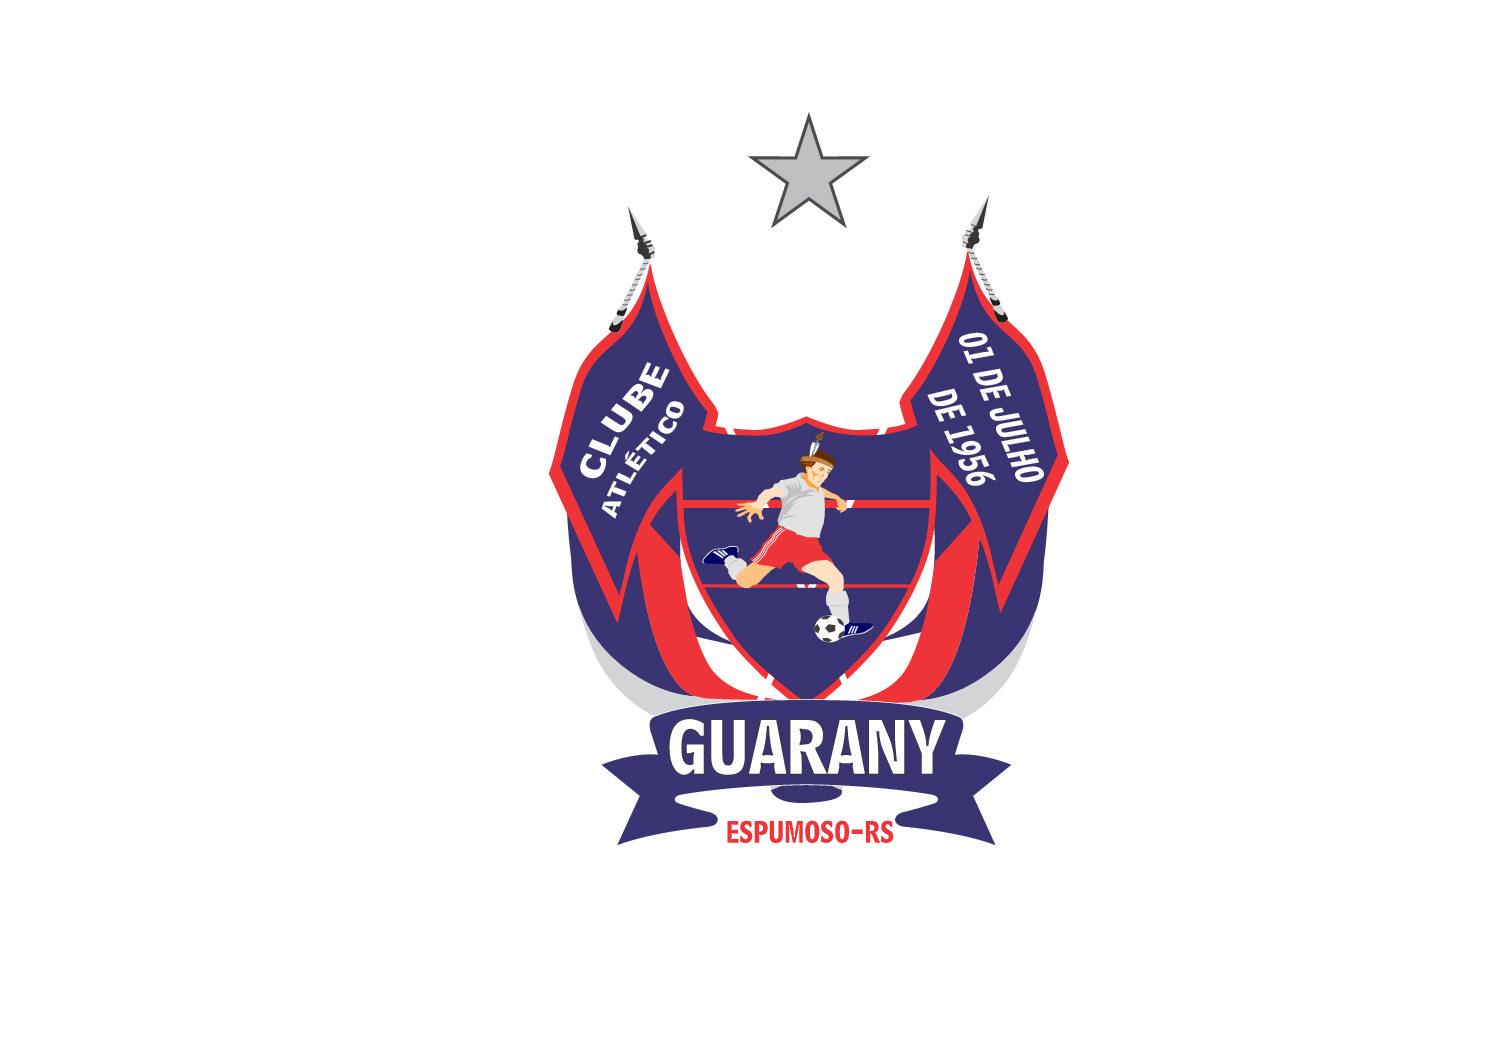 Com maior alegria e satisfação que anunciamos a renovação da parceria com o Clube Atlético Guarany.  São 2 anos de trabalhos para este clube. A TRIVELL agradece a preferência, compromisso e acima de tudo identificação conosco.  Seus estilo, nossa qualidade!